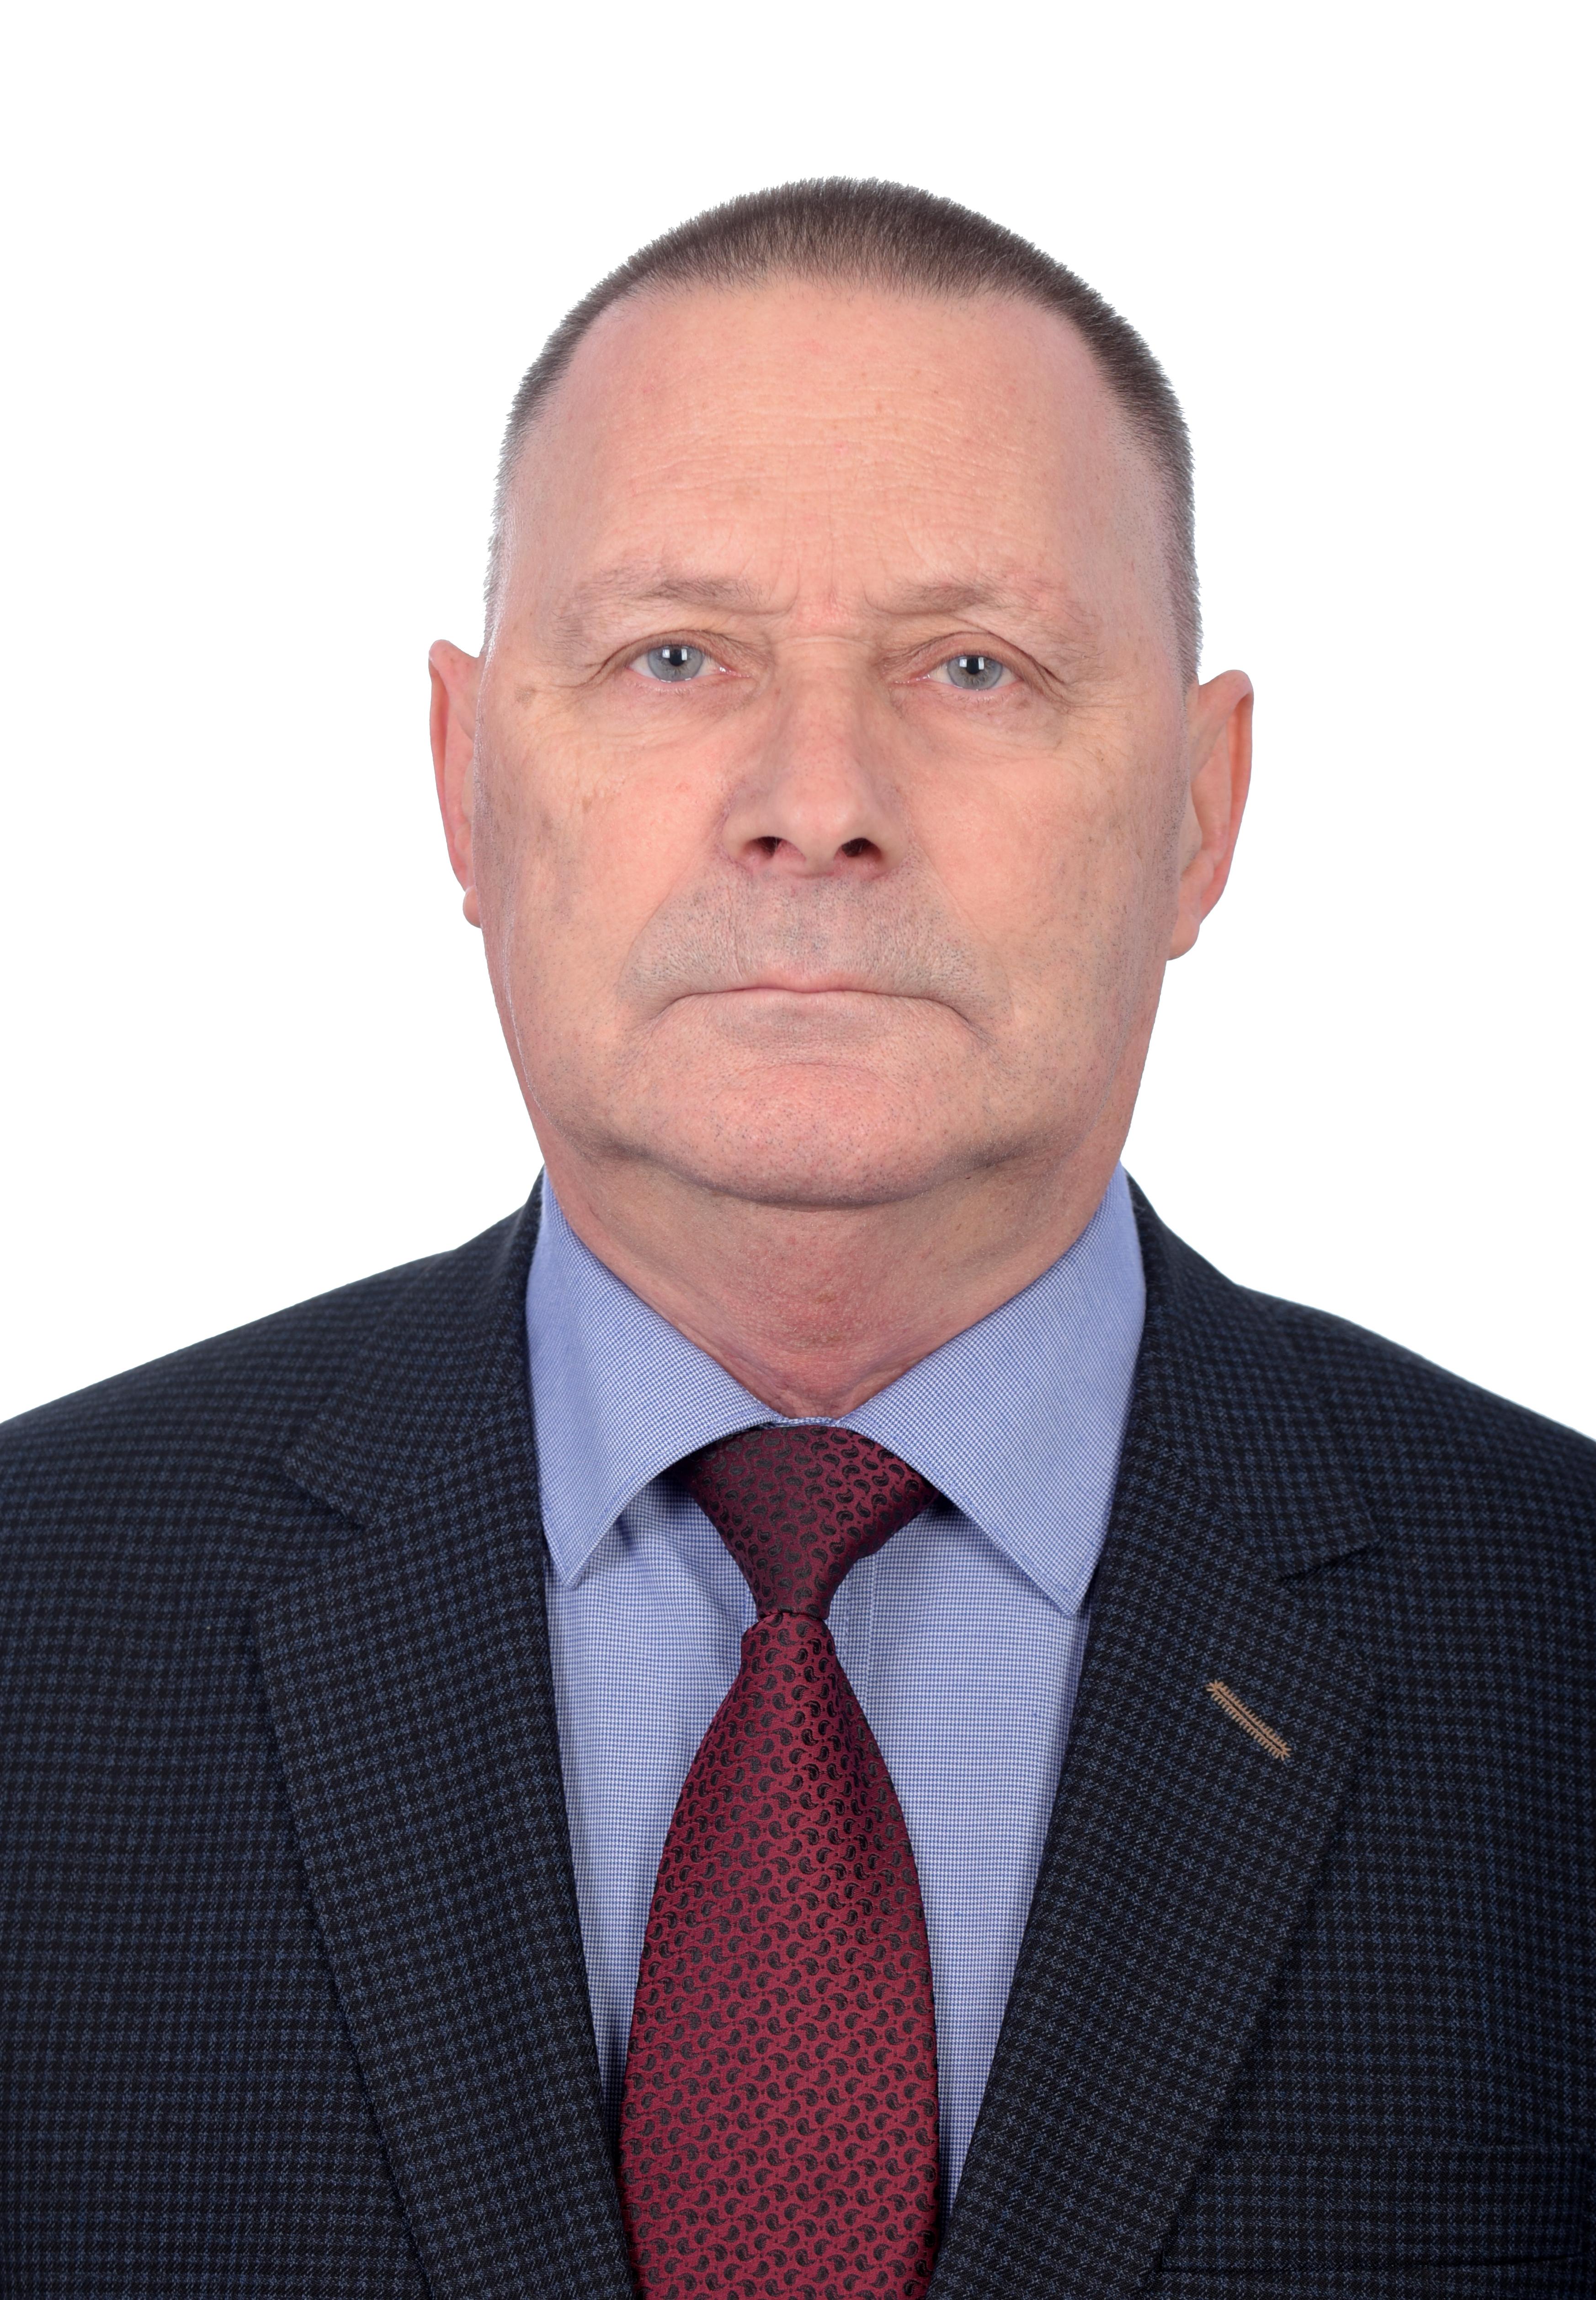 Новиков Василий Николаевич, заведующий кафедрой, доктор филосовских наук, доцент